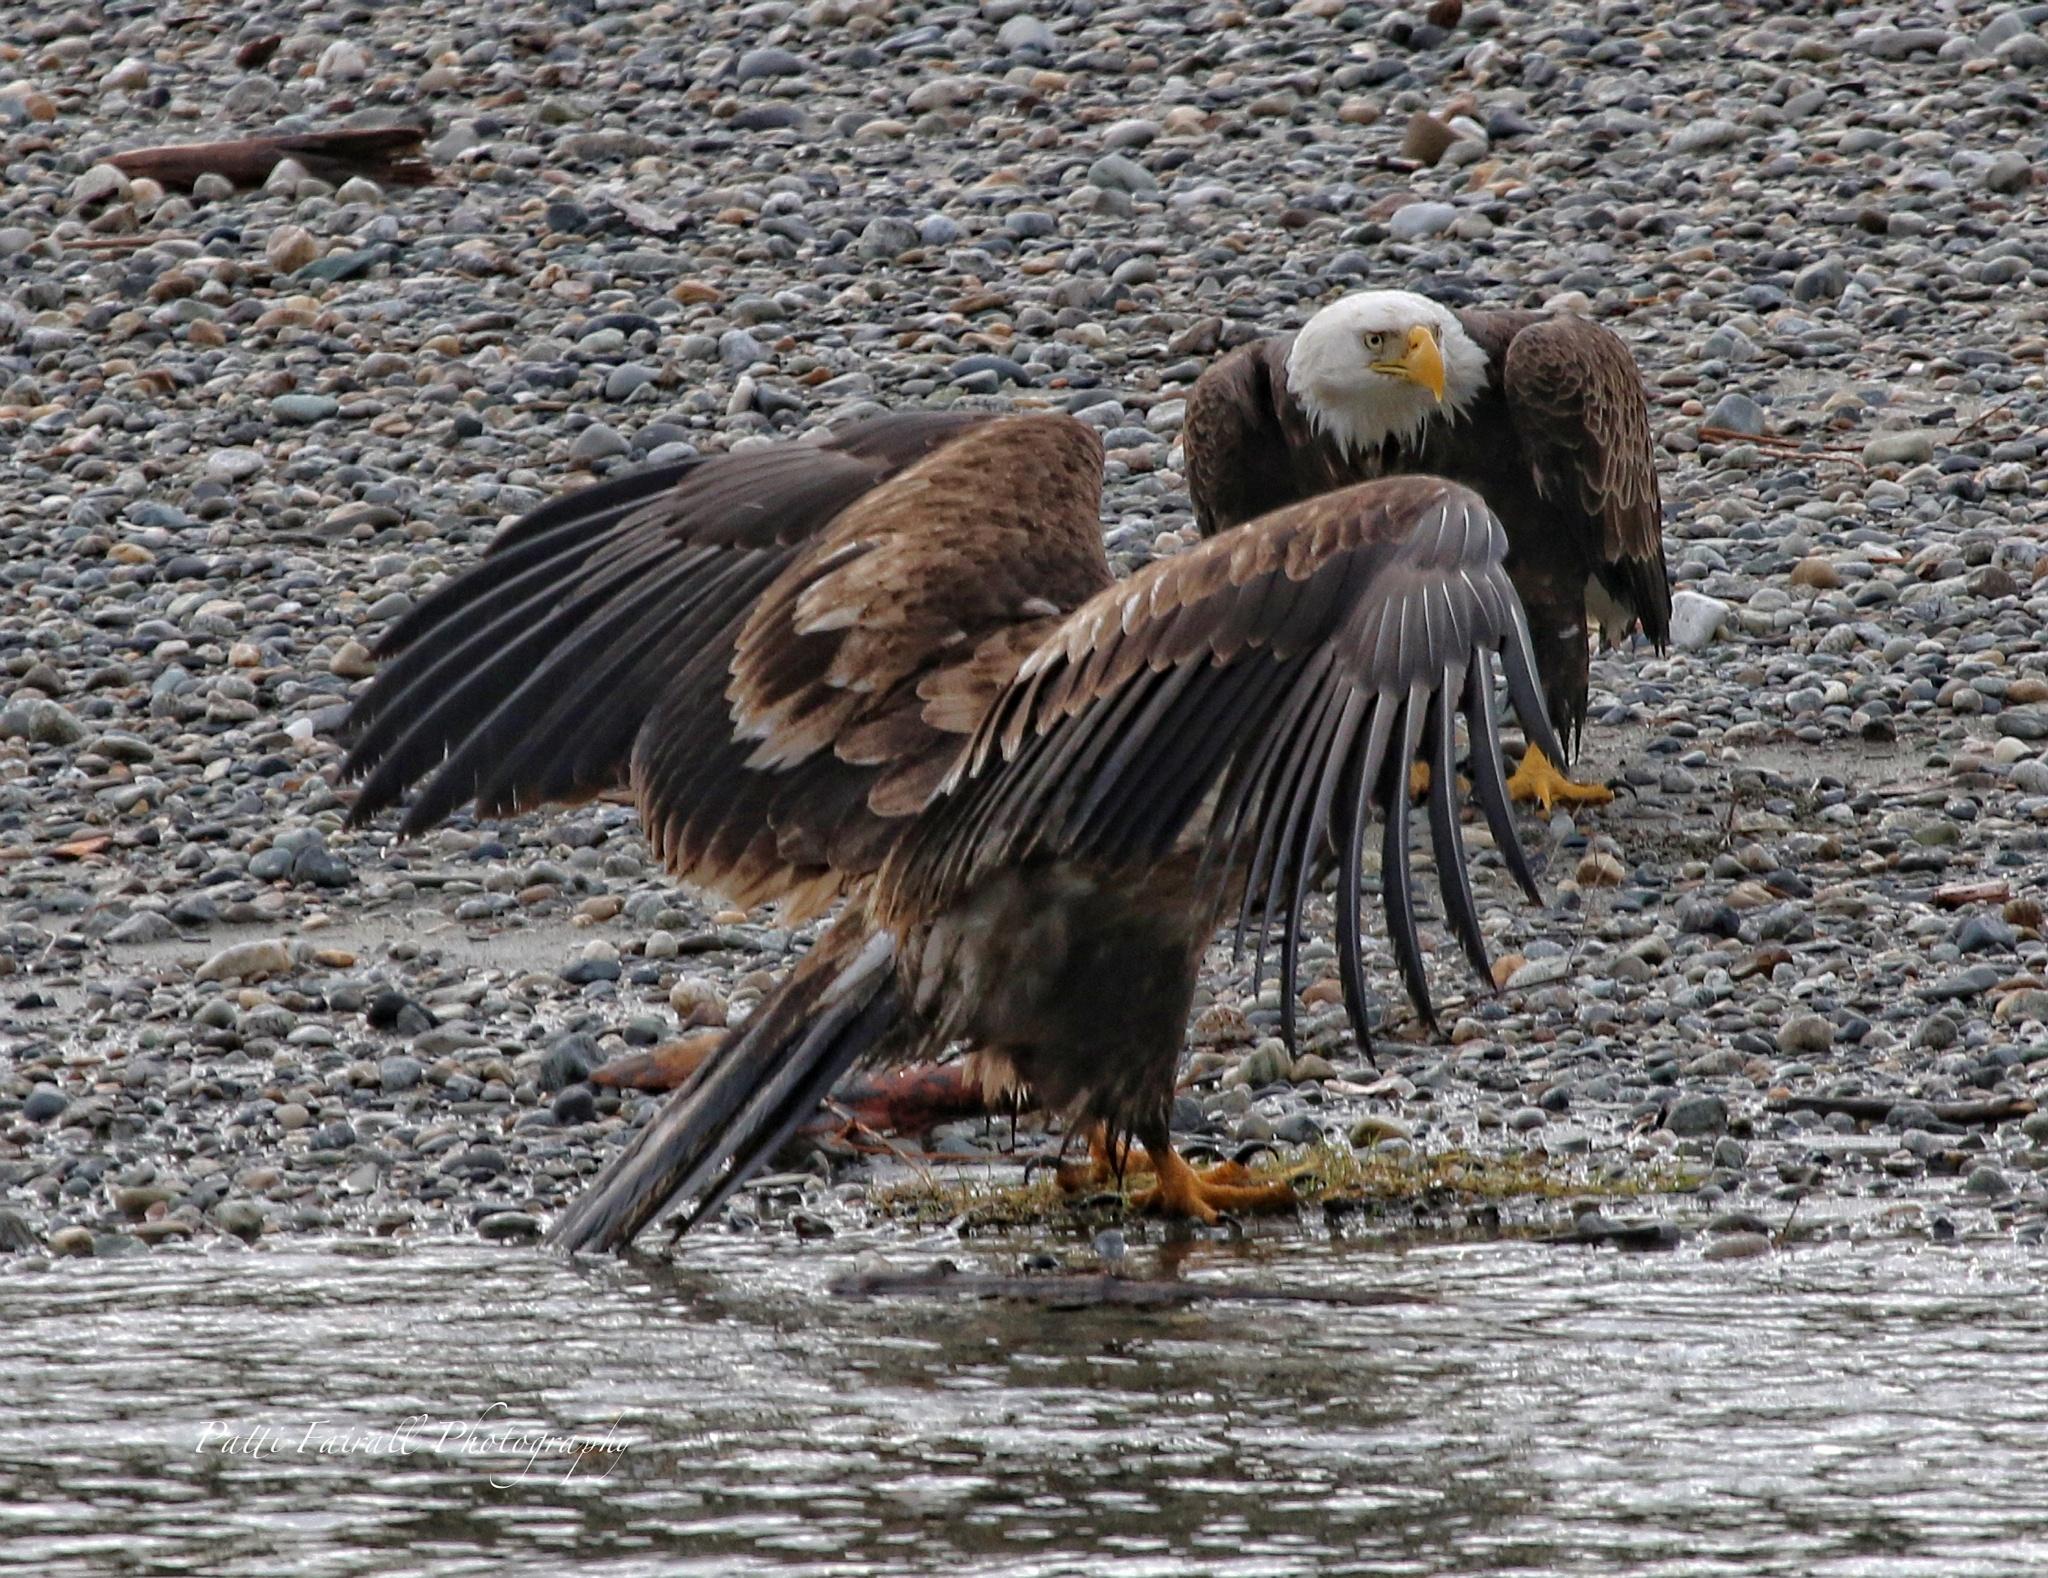 SKAGIT RIVER EAGLES by shutterbug9692